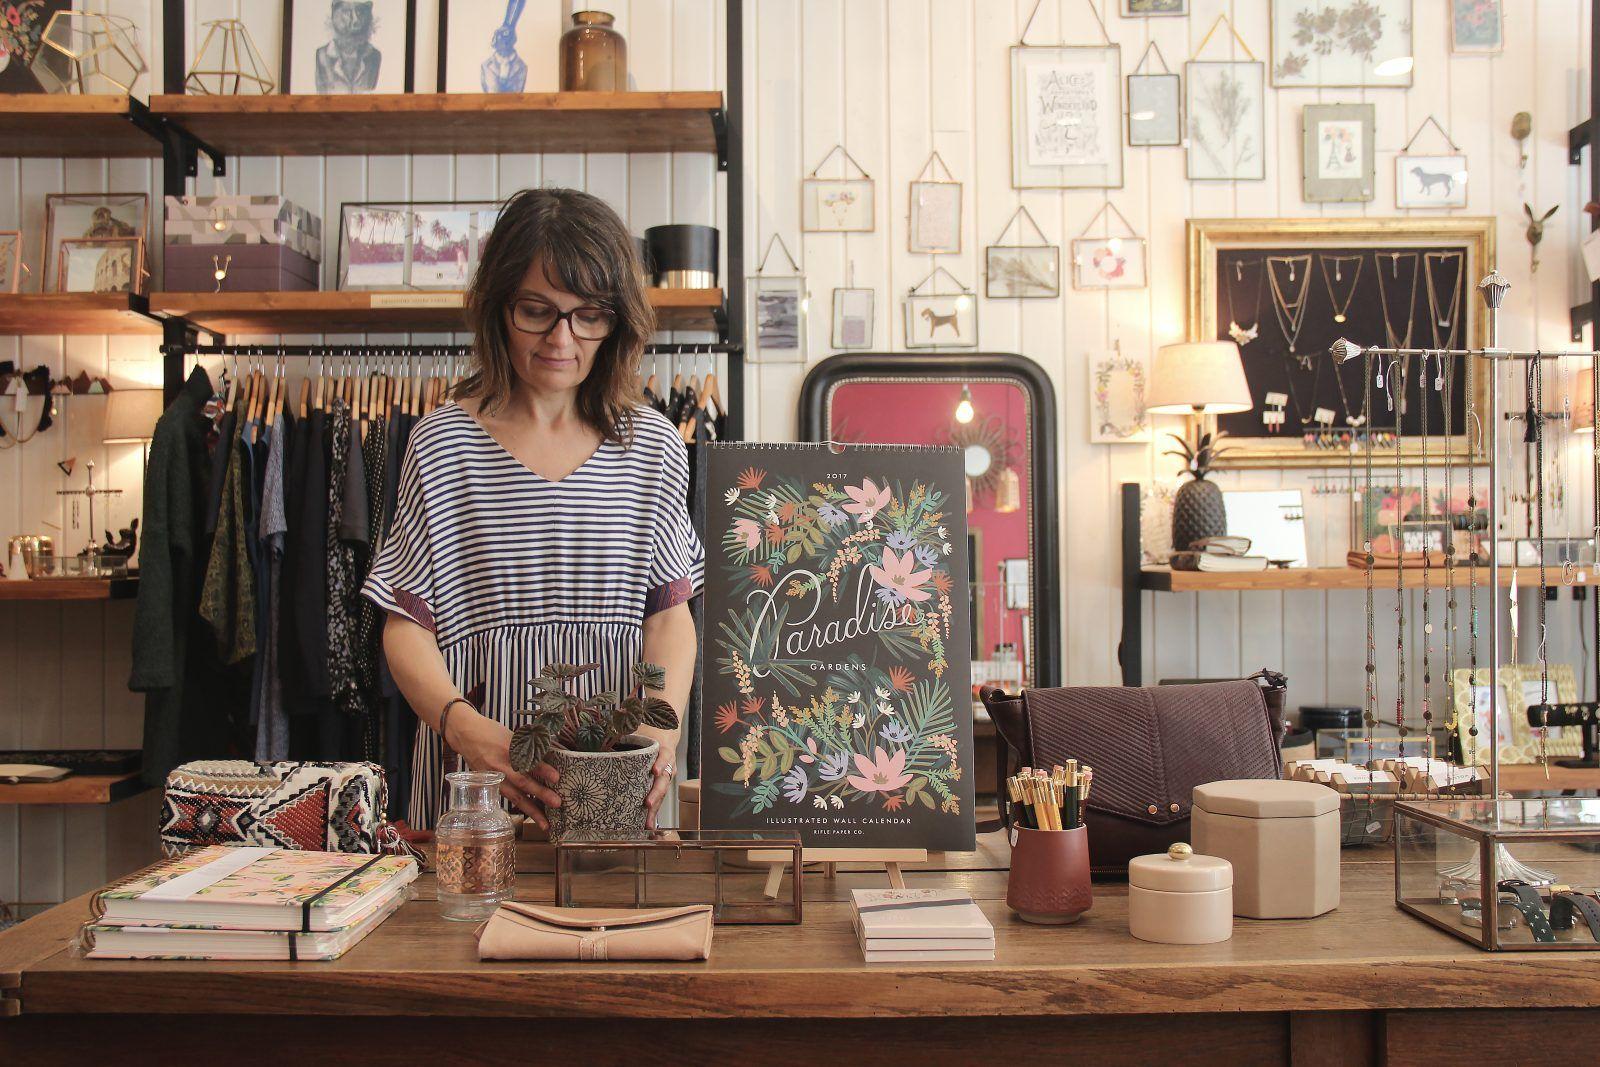 Mathuvu Boutique Concept Store Rue De La Charite Lyon Magasin Bijoux Concept Store Boutique Deco Paris